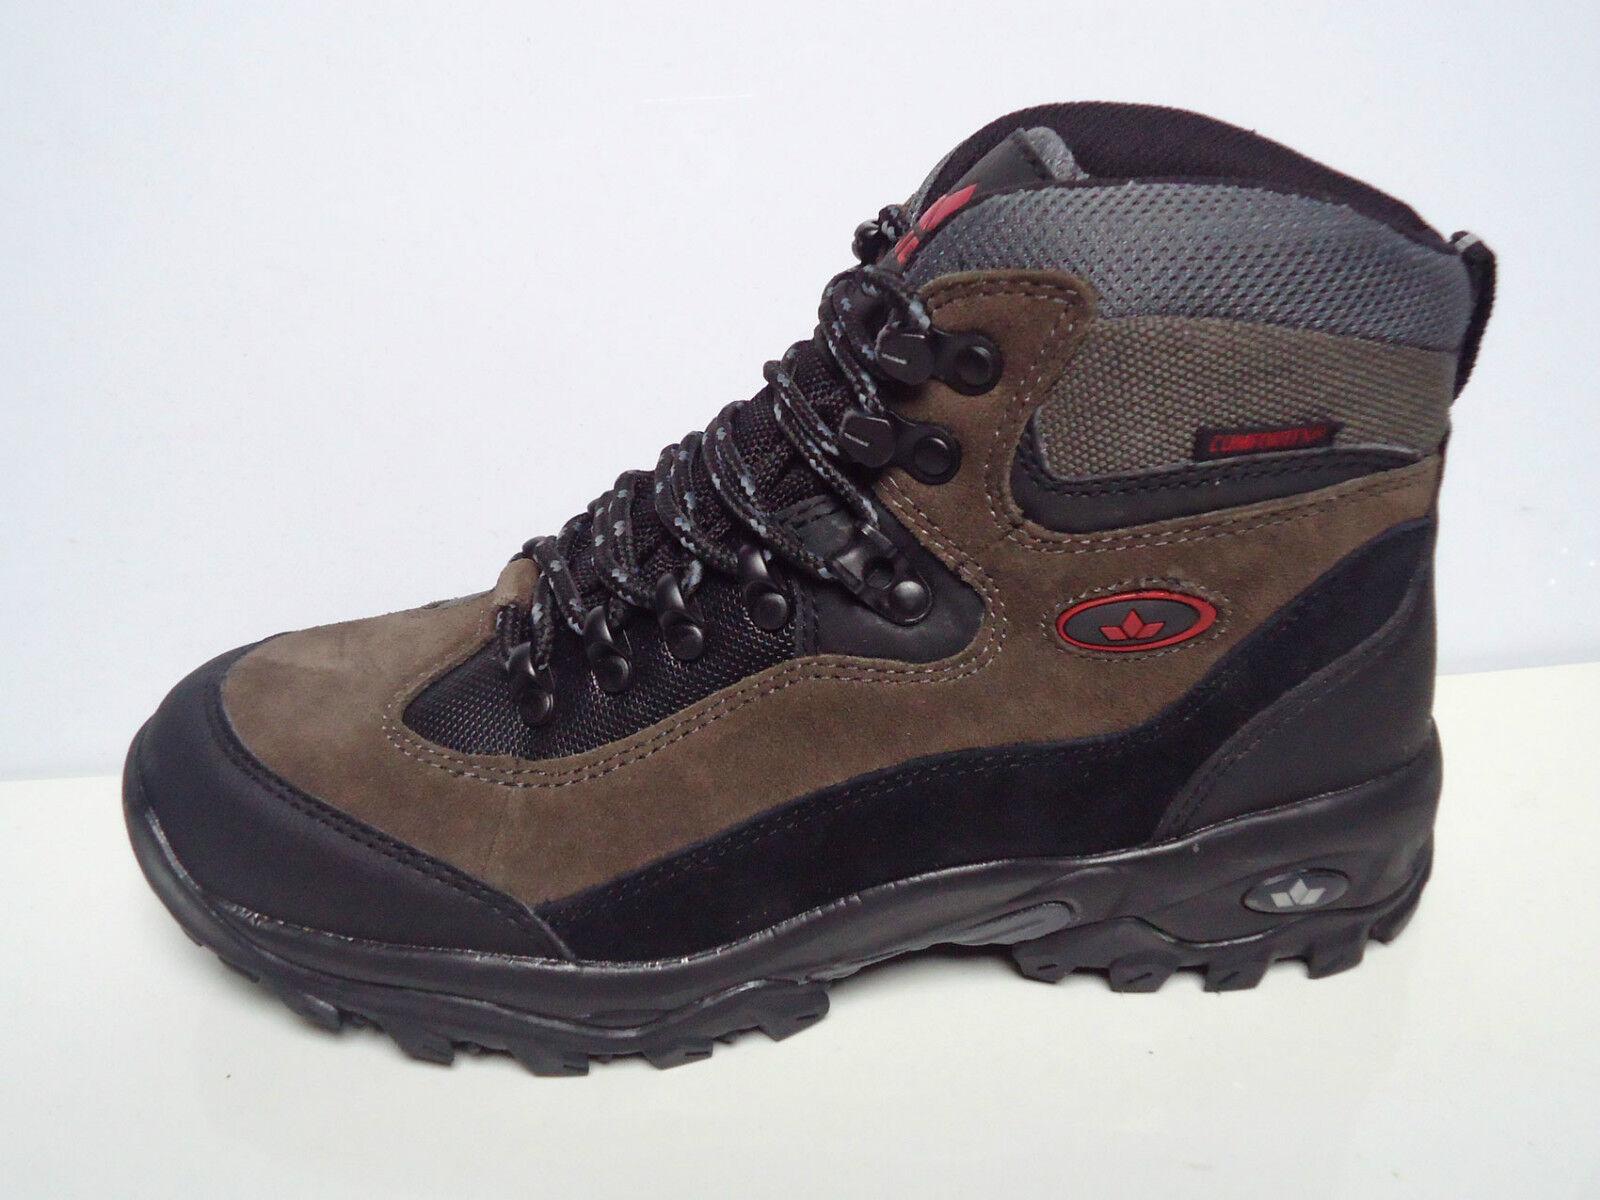 Schnürstiefel Comfort-TEX Stiefel Winter LICO Grau Braun LEDER Schuhe 1311862